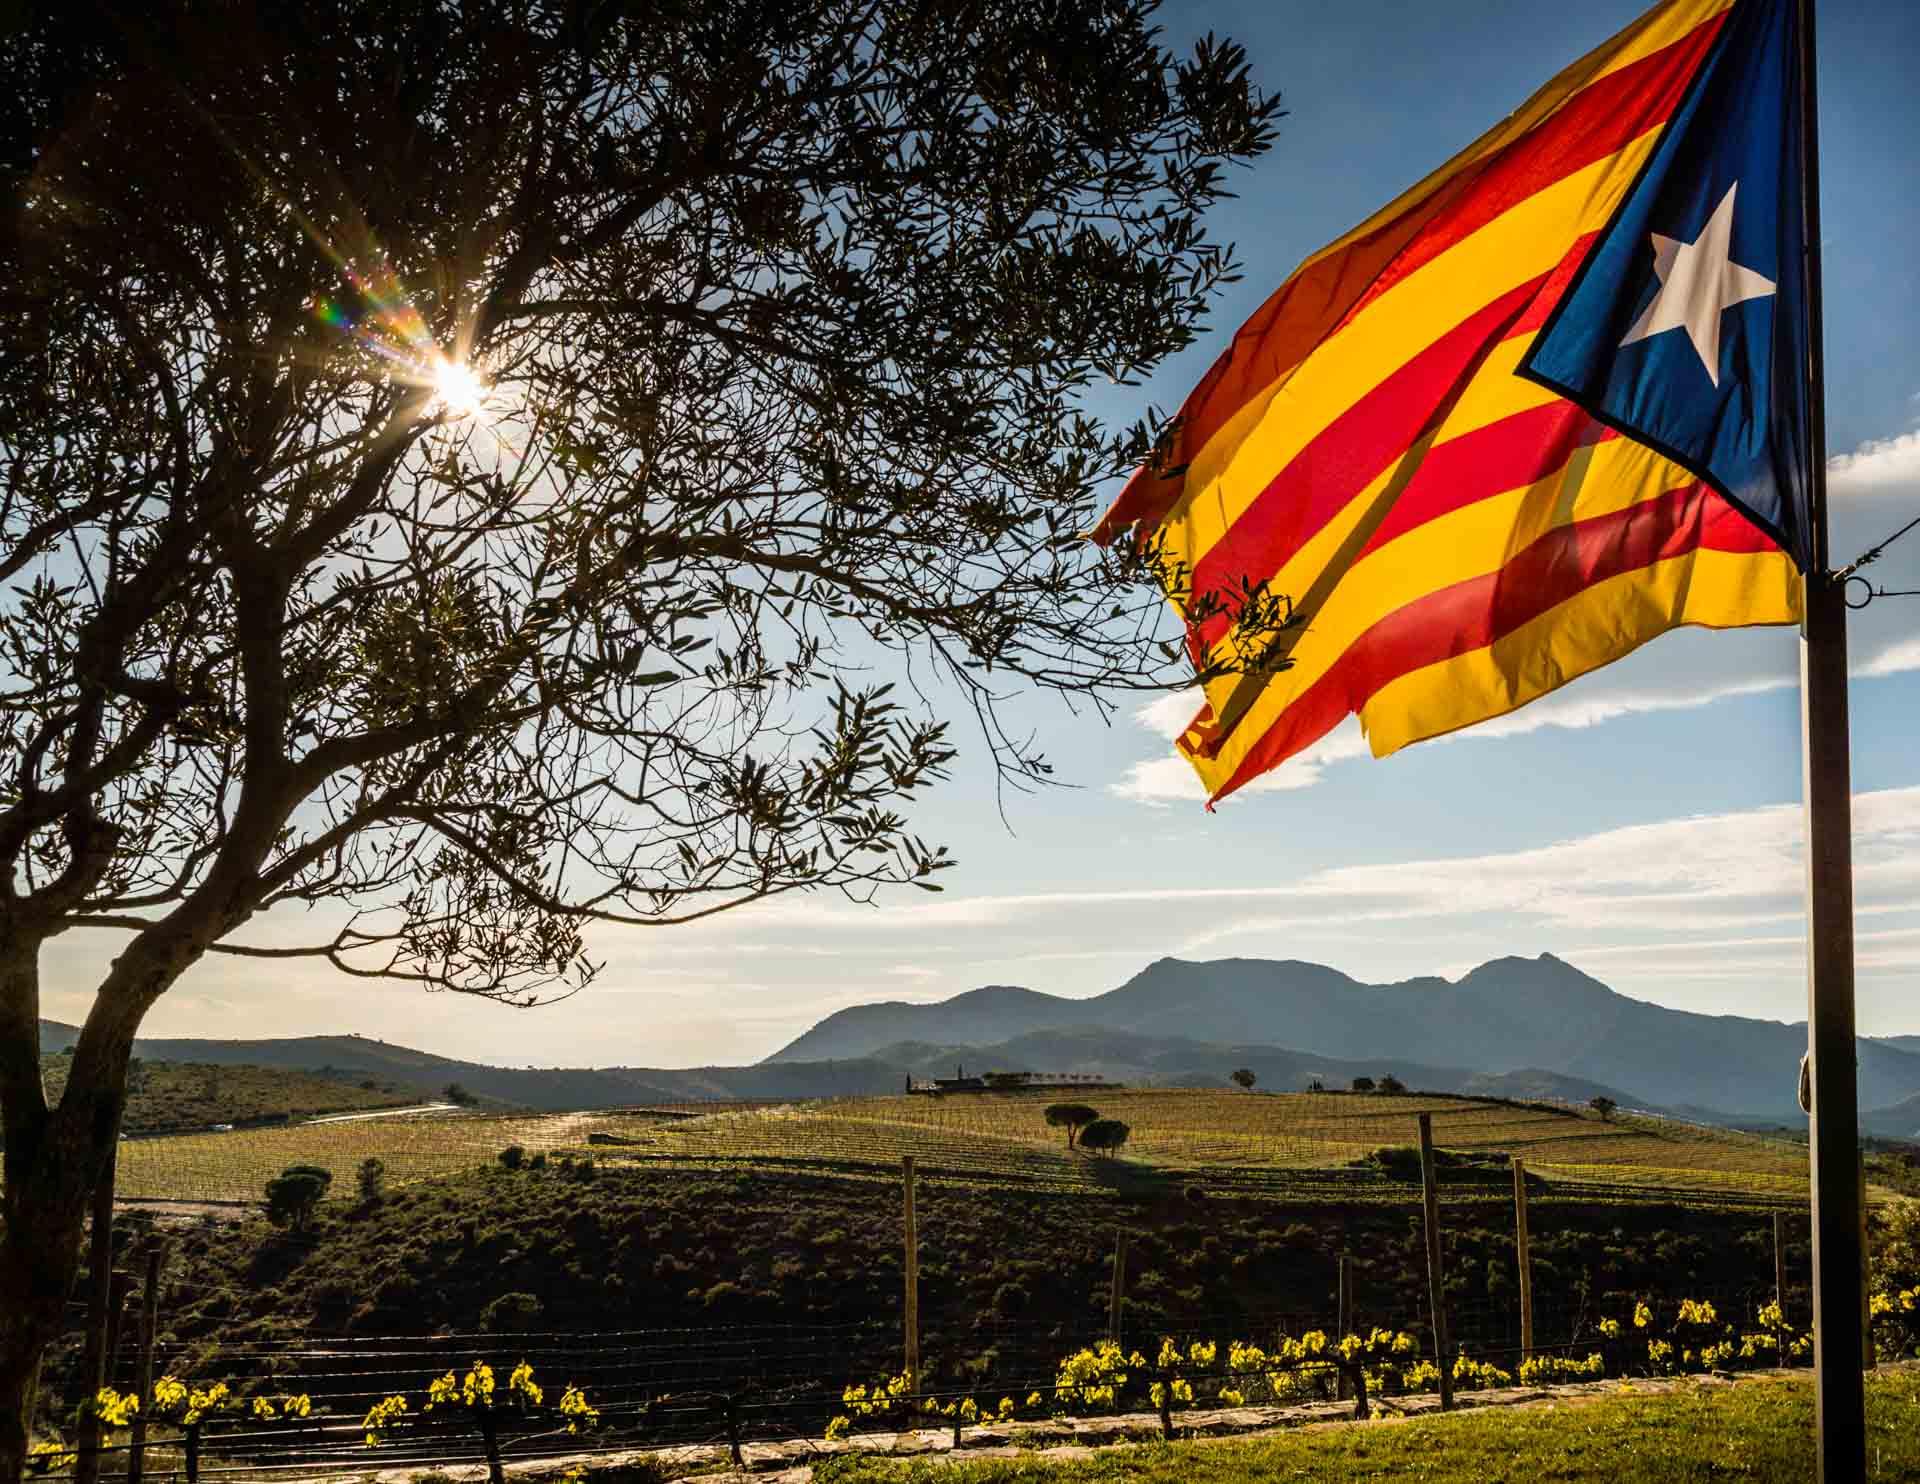 Der Wein, die Sierra und das Meer. Im Naturschutzgebiet Cap de Creus liegen drei Weingüter. Auf dem Weingut von Martin Faixó weht die katalonische Flagge / © FrontRowSociety.net, Foto: Georg Berg